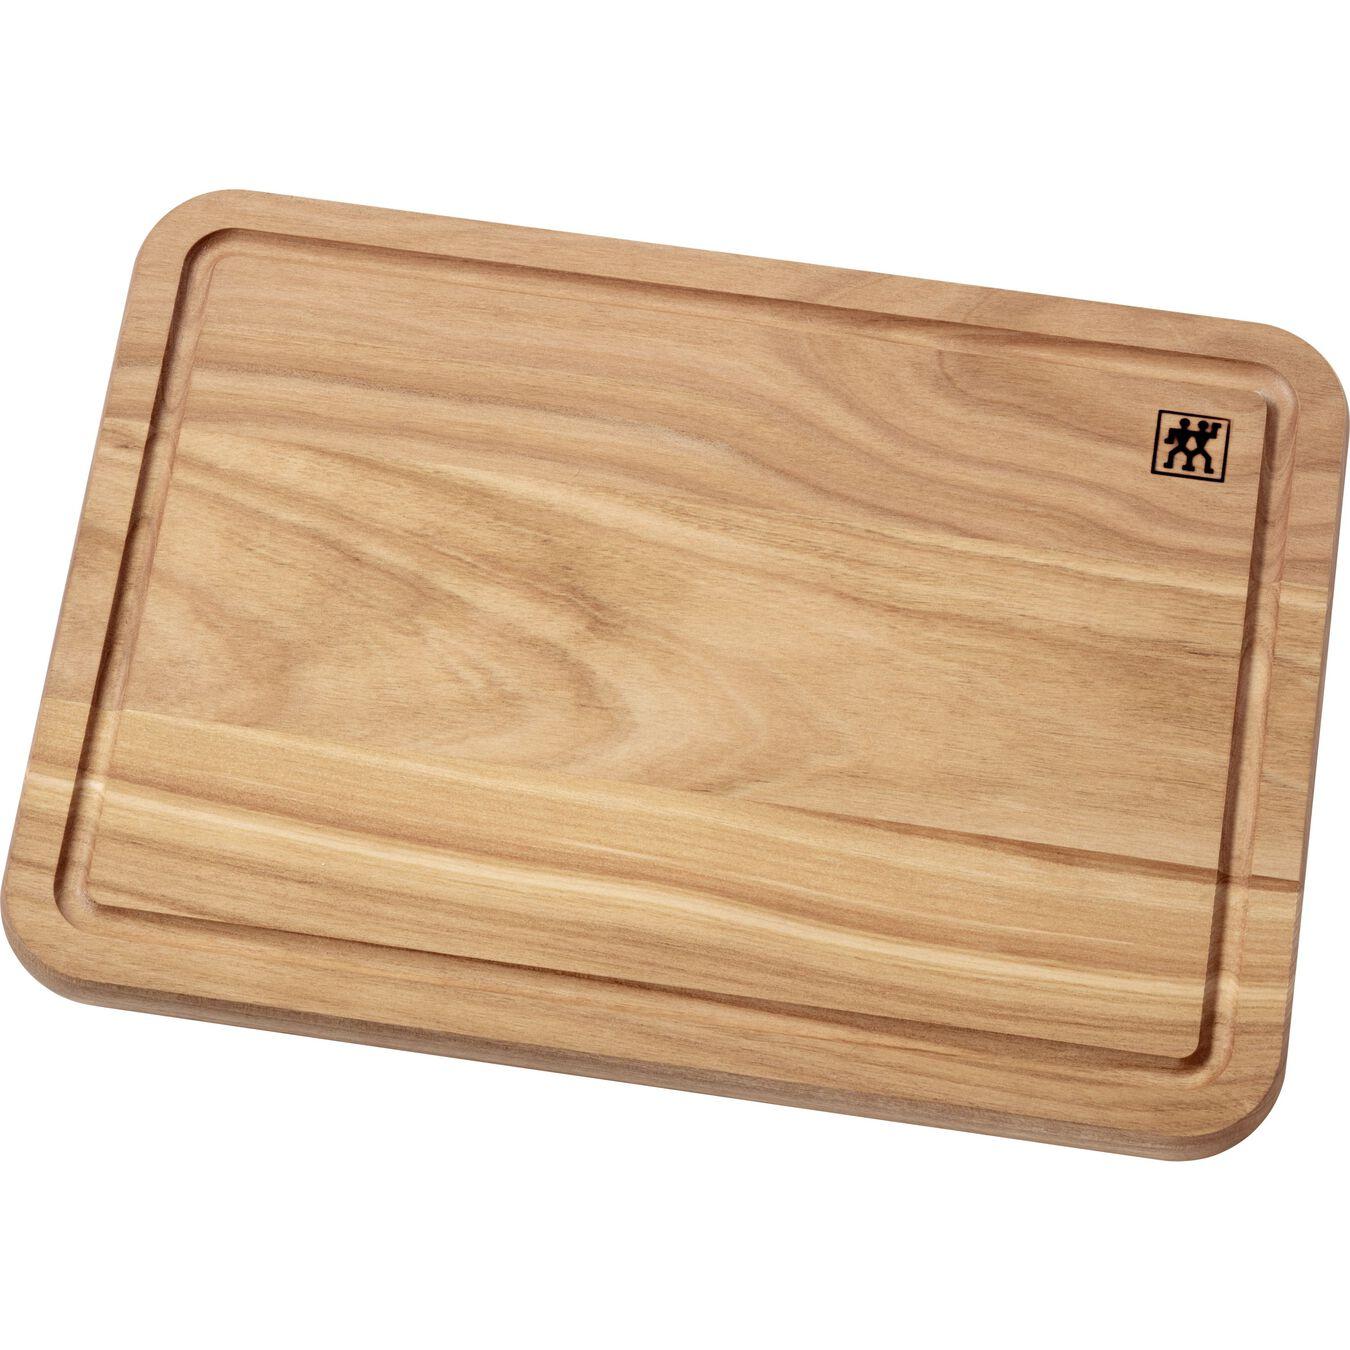 Planche à découper 35 cm x 25 cm Cherry wood,,large 1